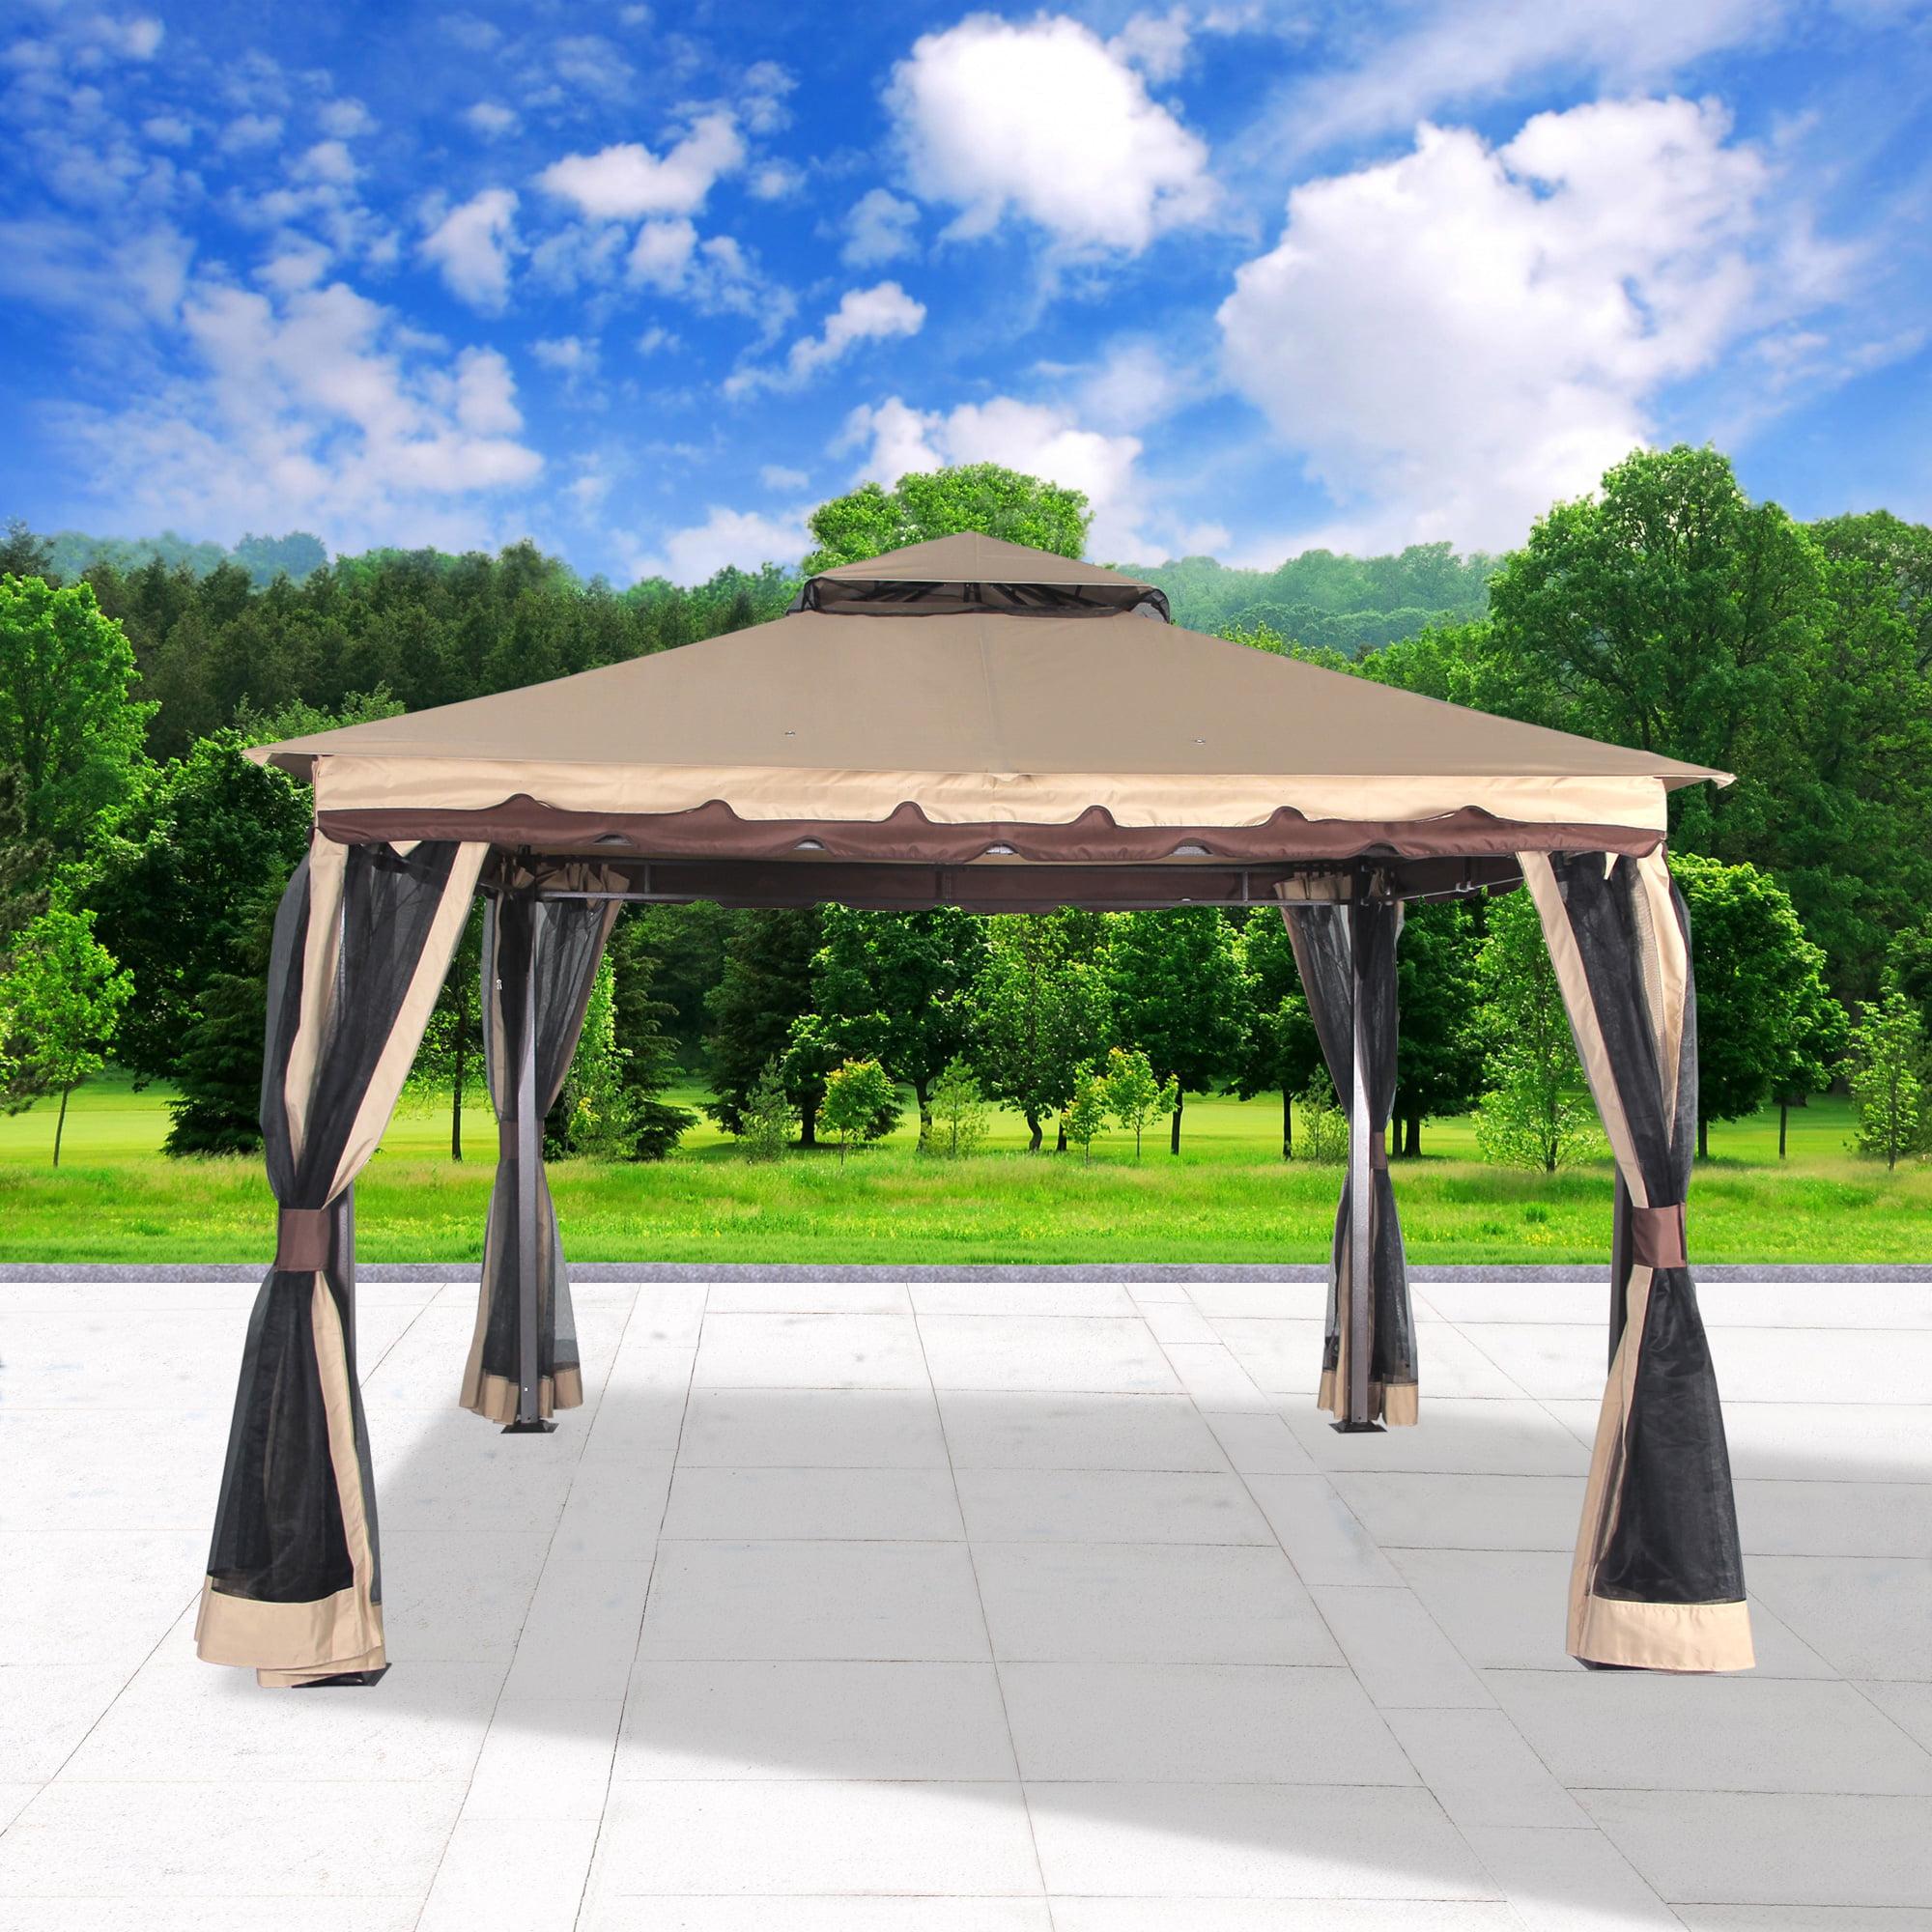 """Cloud Mountain Garden Gazebo Polyester Fabric 130"""" x 130"""" Patio Backyard Double Roof Vented Gazebo Canopy with... by Cloud Mountain"""